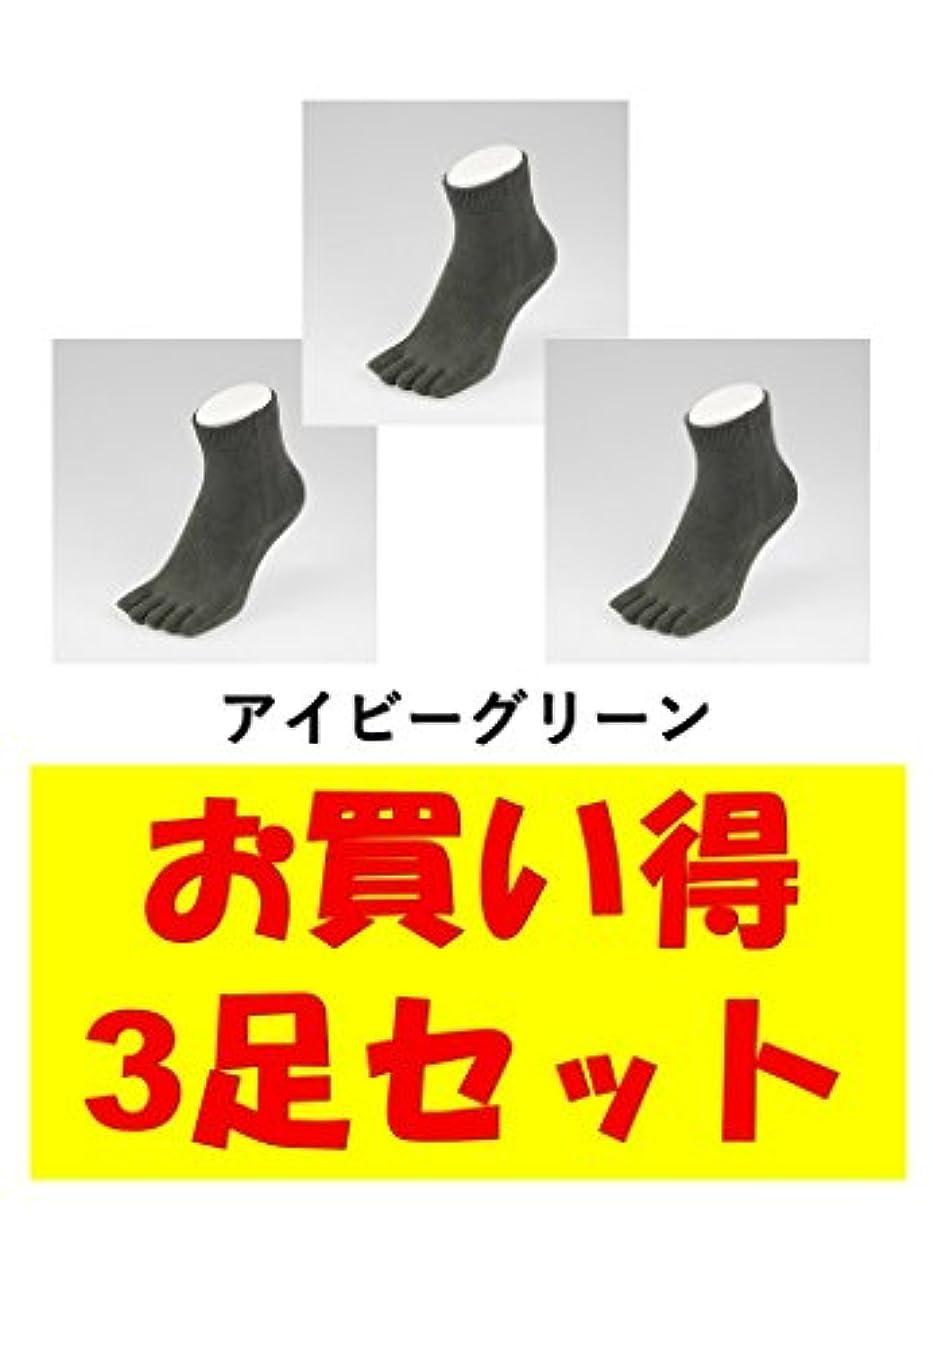 説教豆腐うぬぼれお買い得3足セット 5本指 ゆびのばソックス Neo EVE(イヴ) アイビーグリーン Sサイズ(21.0cm - 24.0cm) YSNEVE-IGR